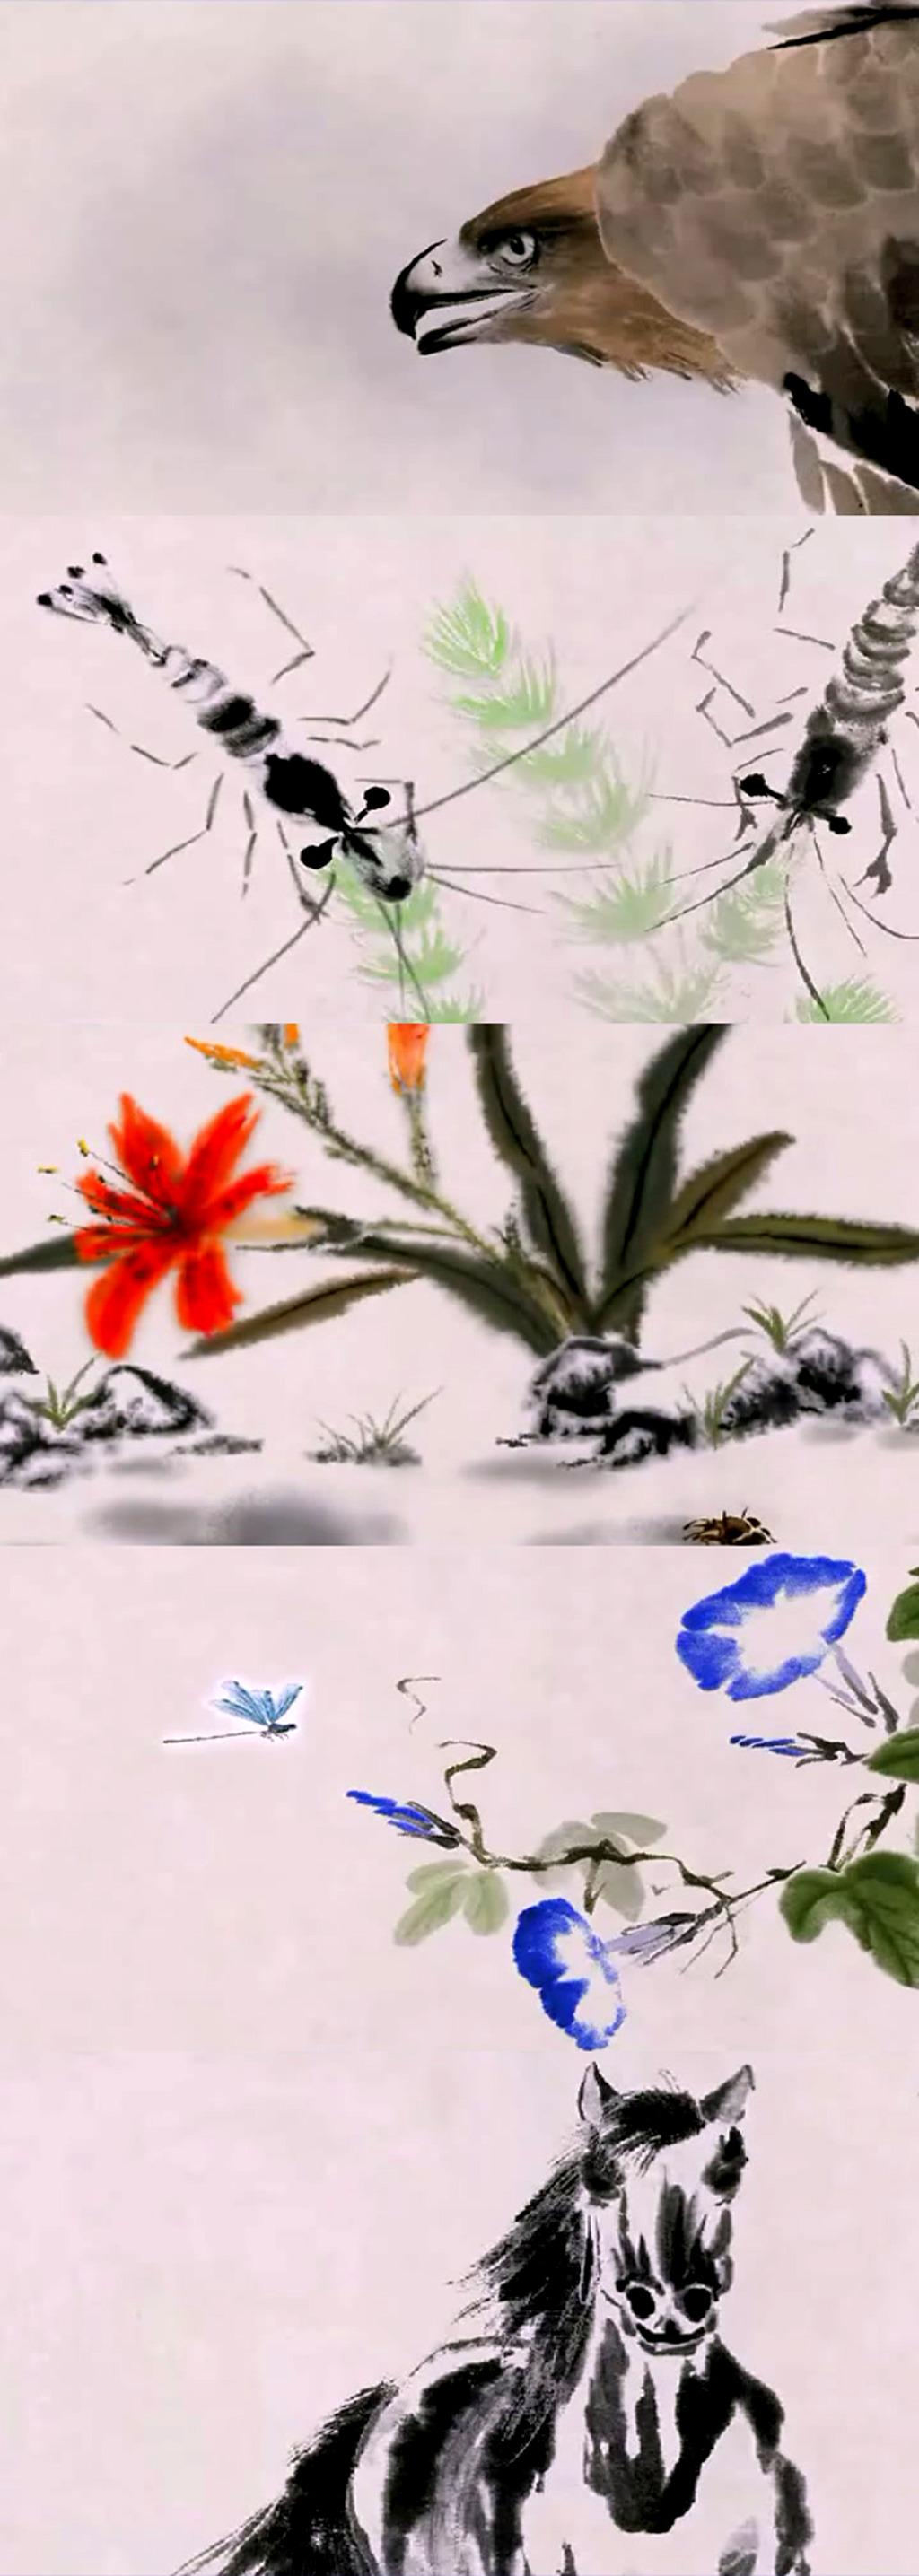 水墨视频水墨动画水墨国画国画水墨素材 水墨动物国画 水粉画 蜻蜓